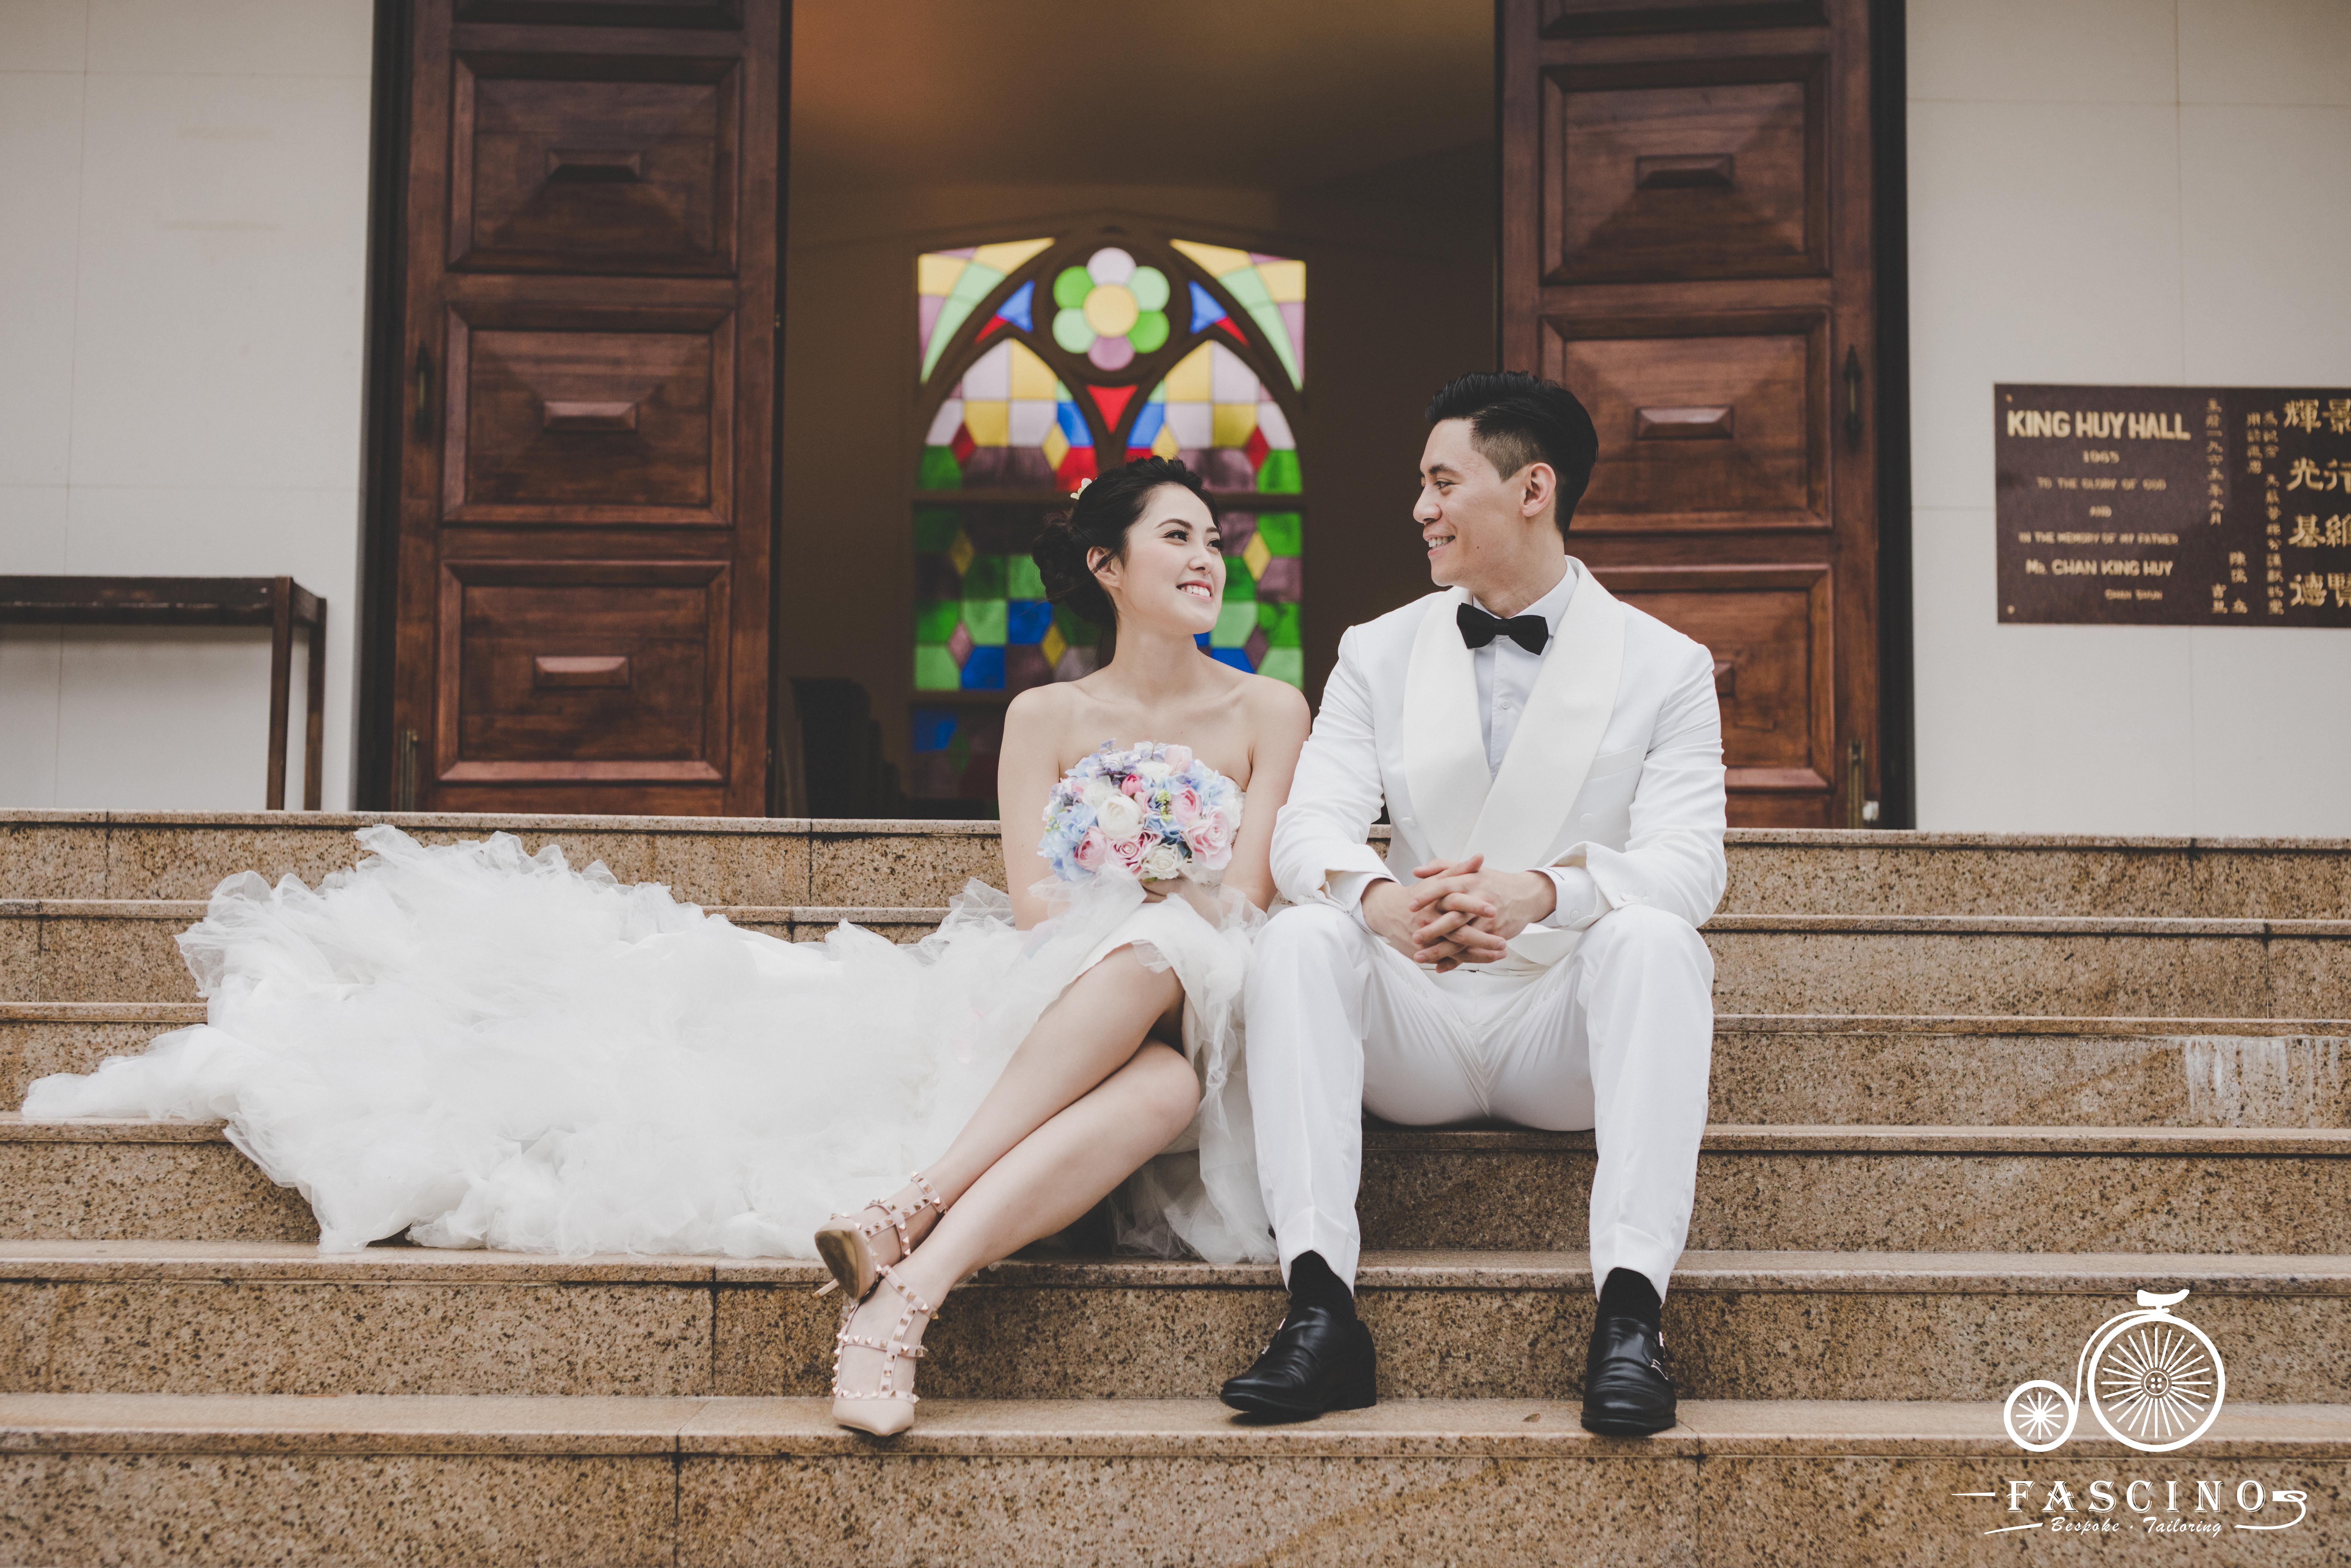 【結婚旺季】新郎也要訂造禮服! 本地訂造西裝品牌Fascino Bespoke